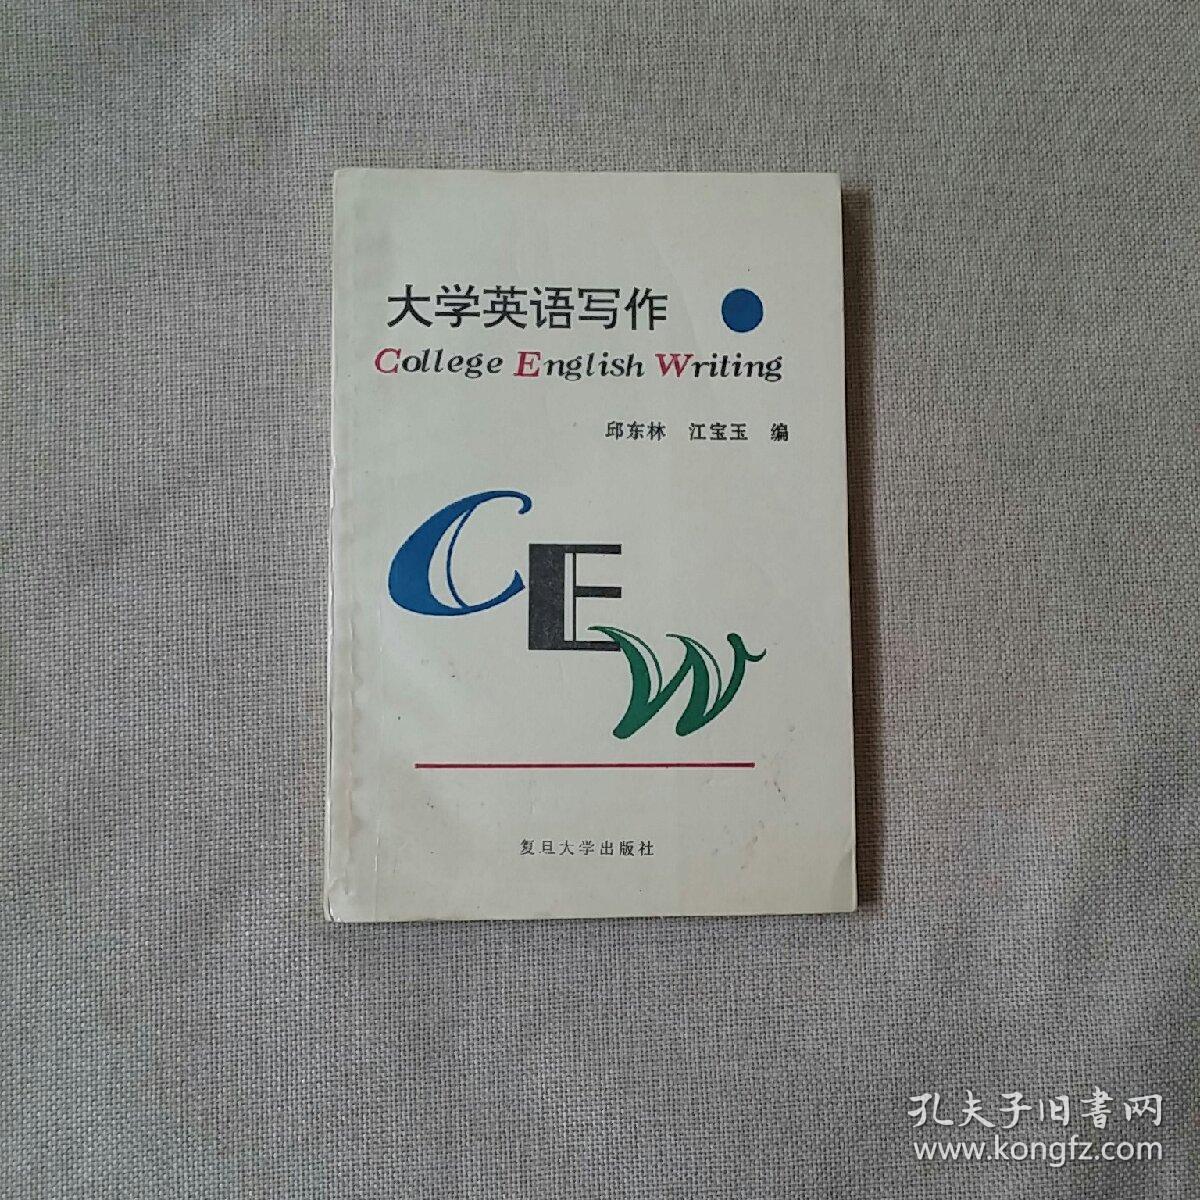 大学英语写作【正版现货】